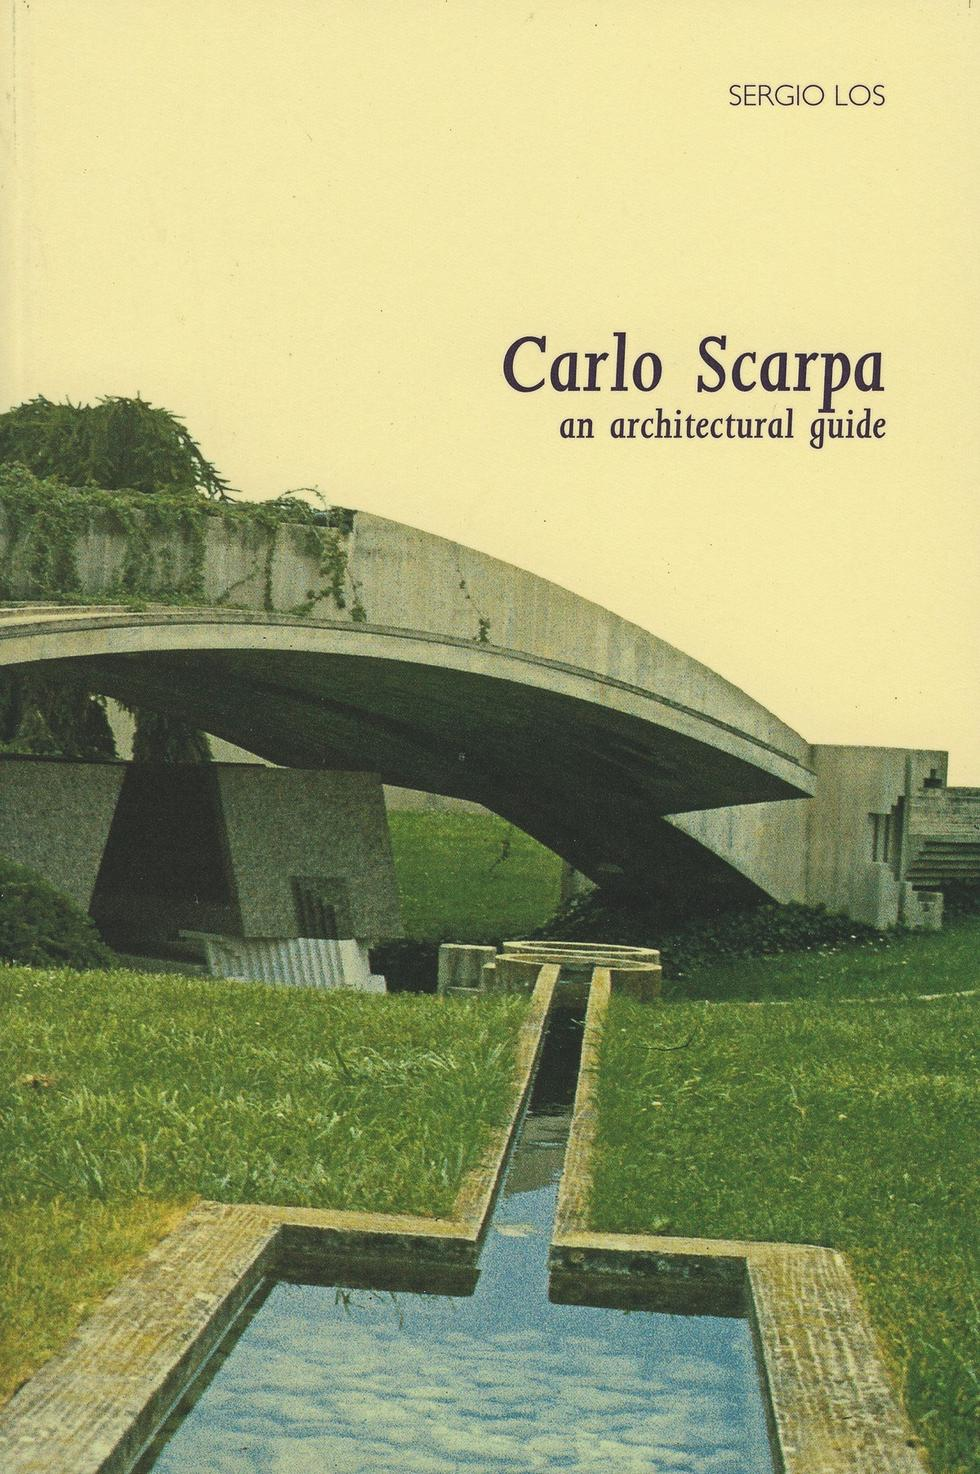 Sergio Los, Carlo Scarpa. An Architectural Guide